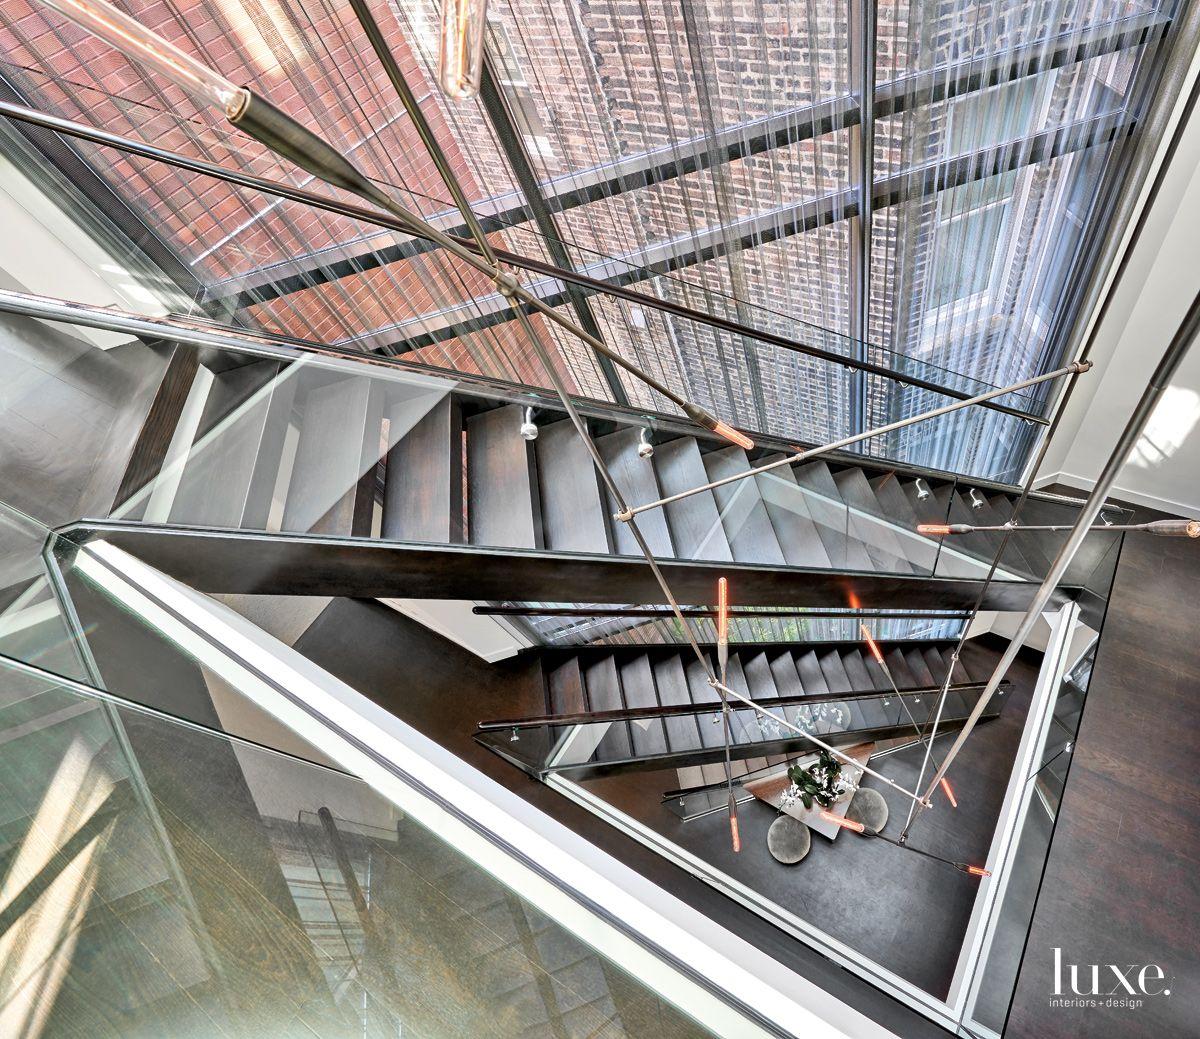 Contemporary Glass Atrium with Triangular-Shaped Skylight